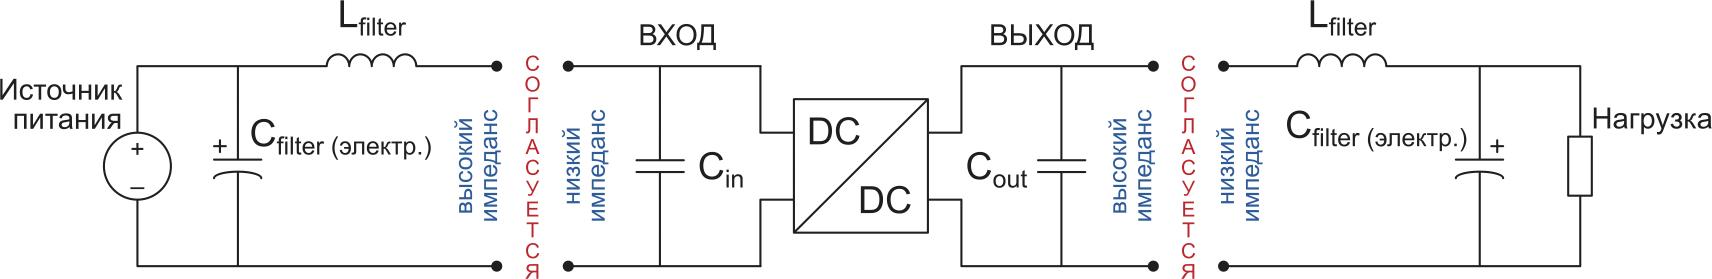 Иллюстрация согласования по входу и выходу импульсных преобразователей с точки зрения оптимальной фильтрации ЭМП